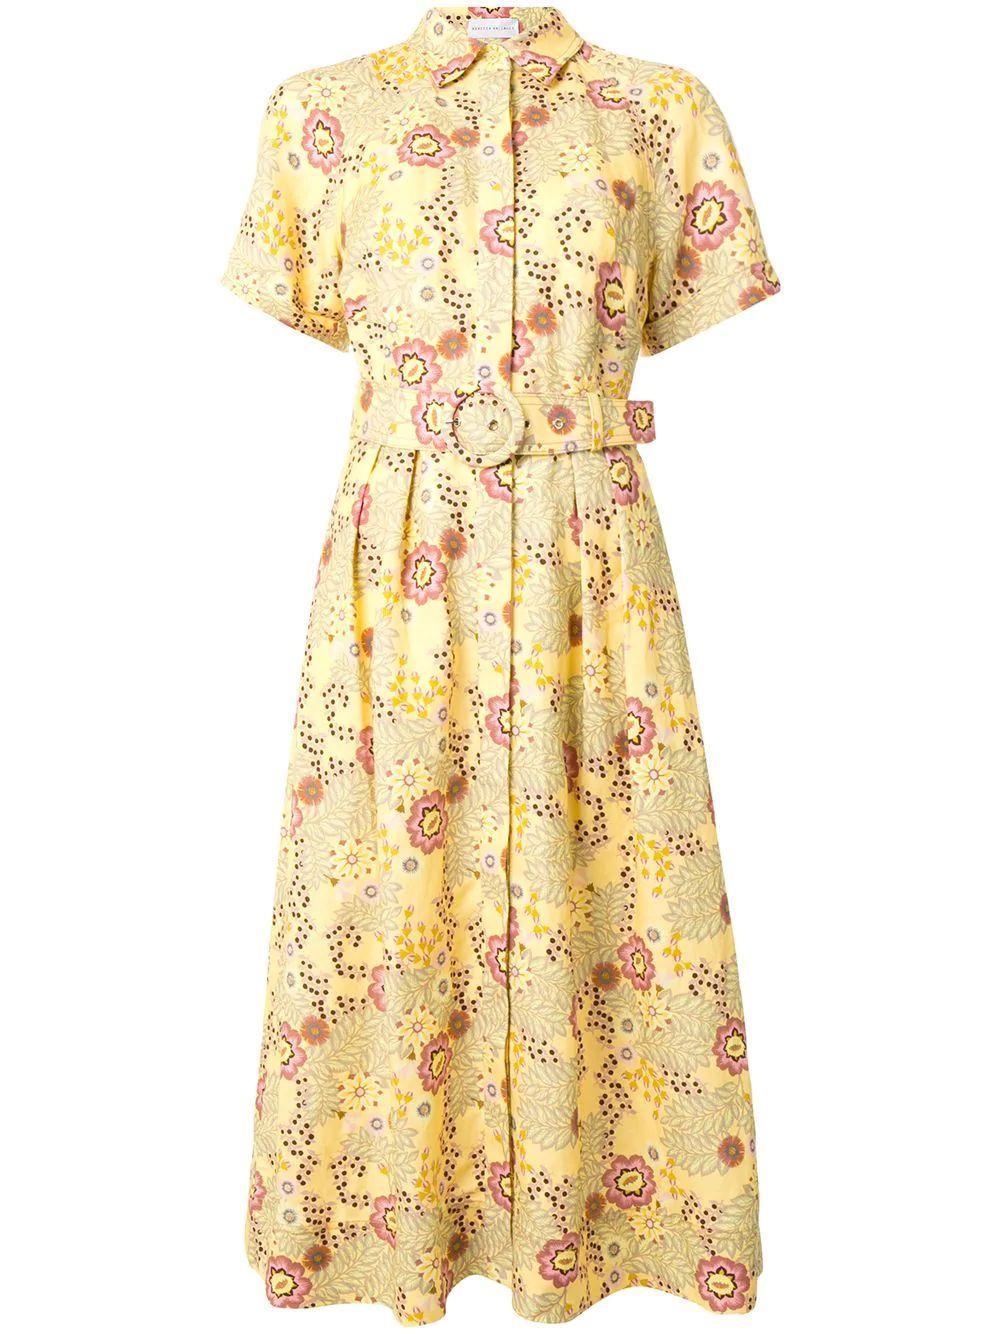 Sahara Short Sleeve Midi Dress Item # 2001-1681